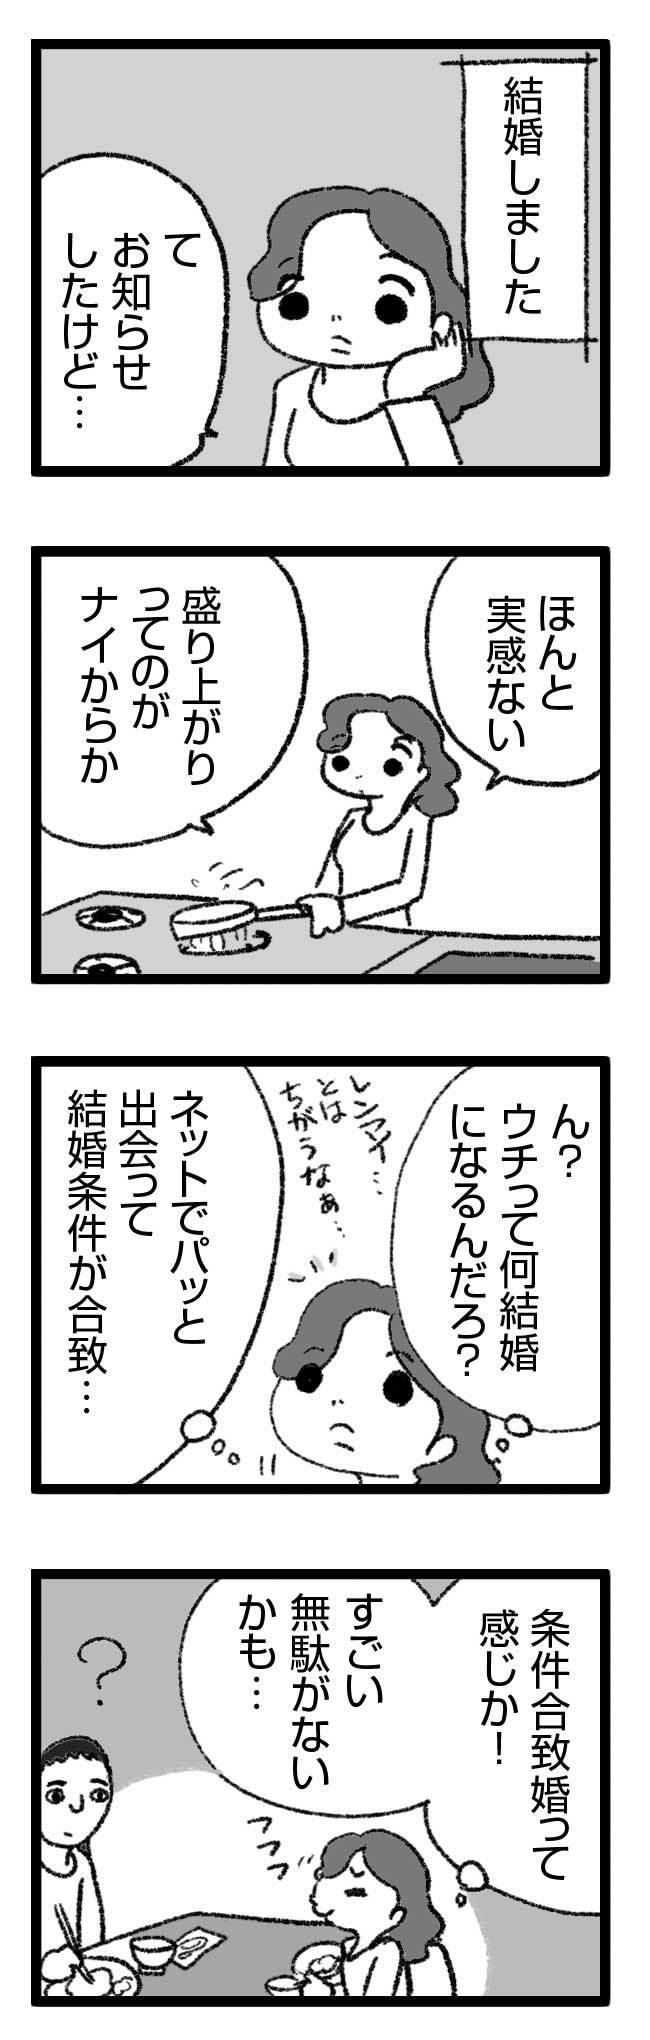 何結婚? 恋愛 見合い 結婚 婚活 漫画 マンガ まんが レス セックスレス プロポーズ